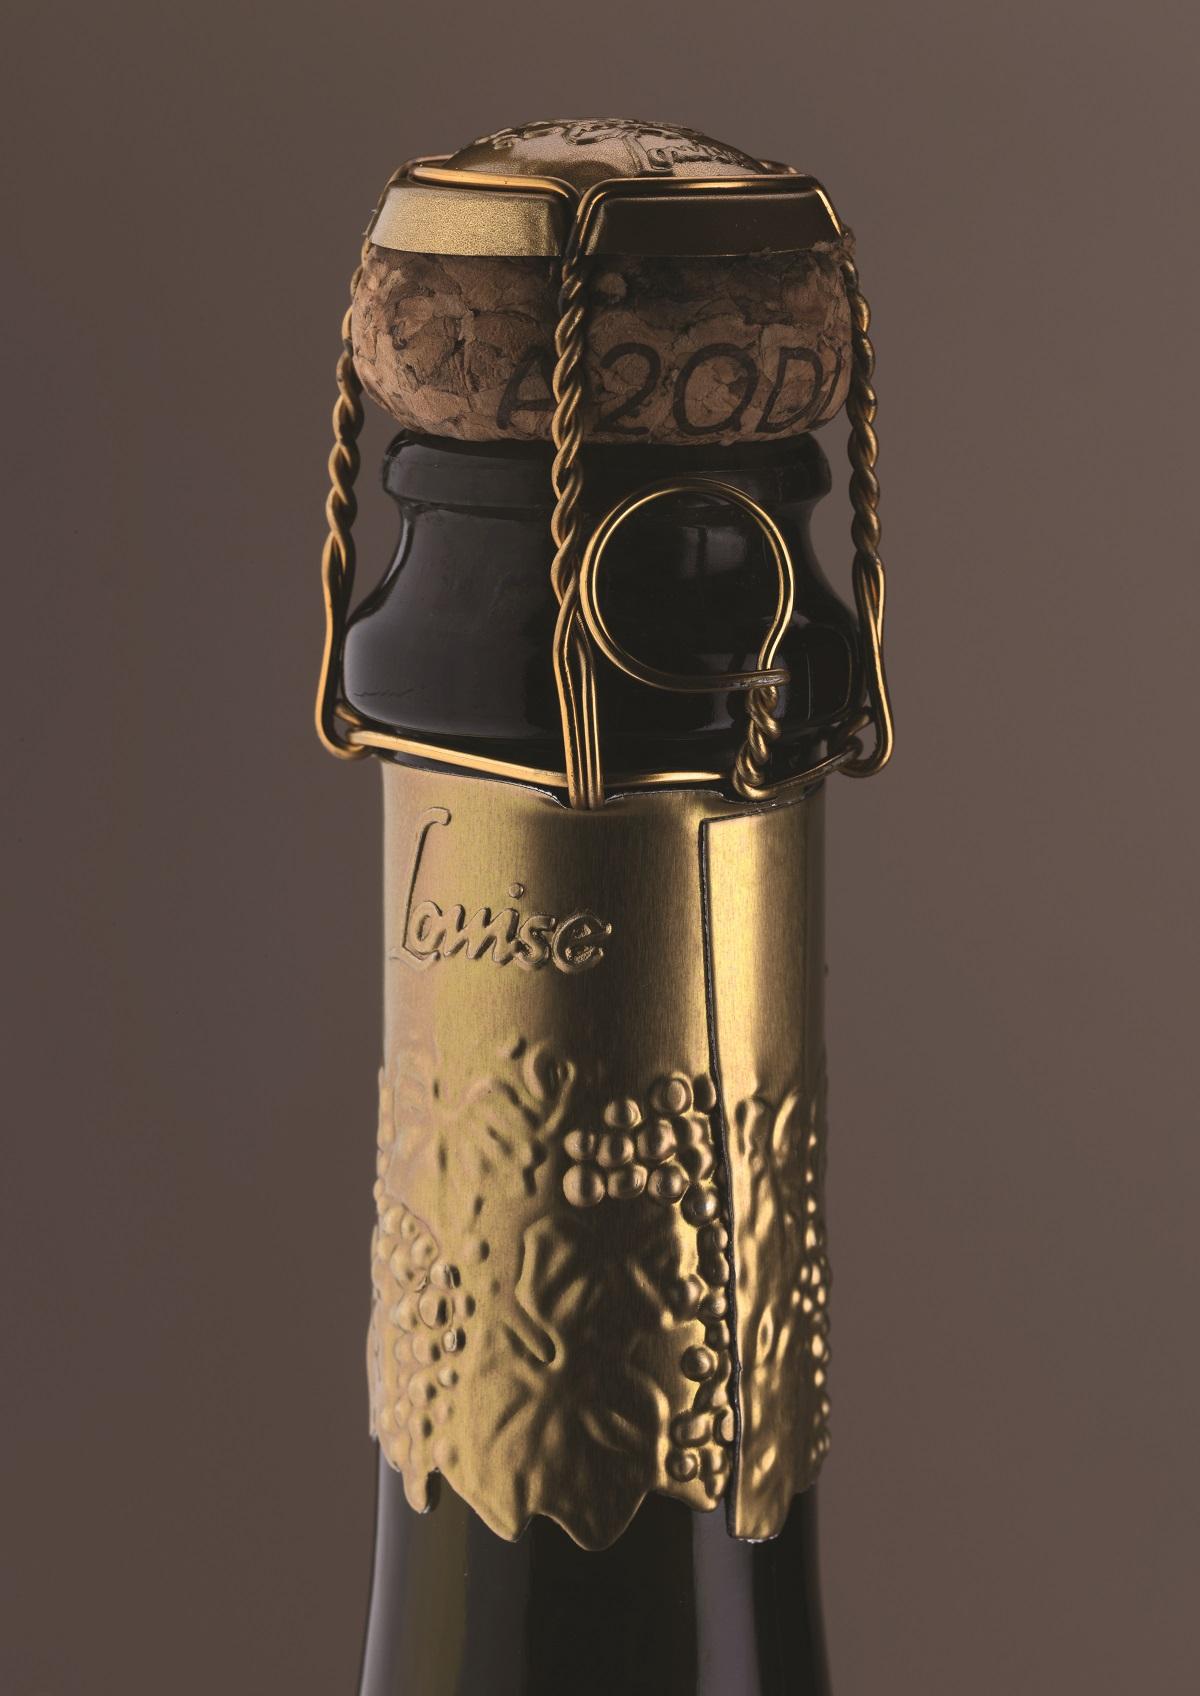 POMMERY Cuvée Louise 2002 (c) PR Pommery